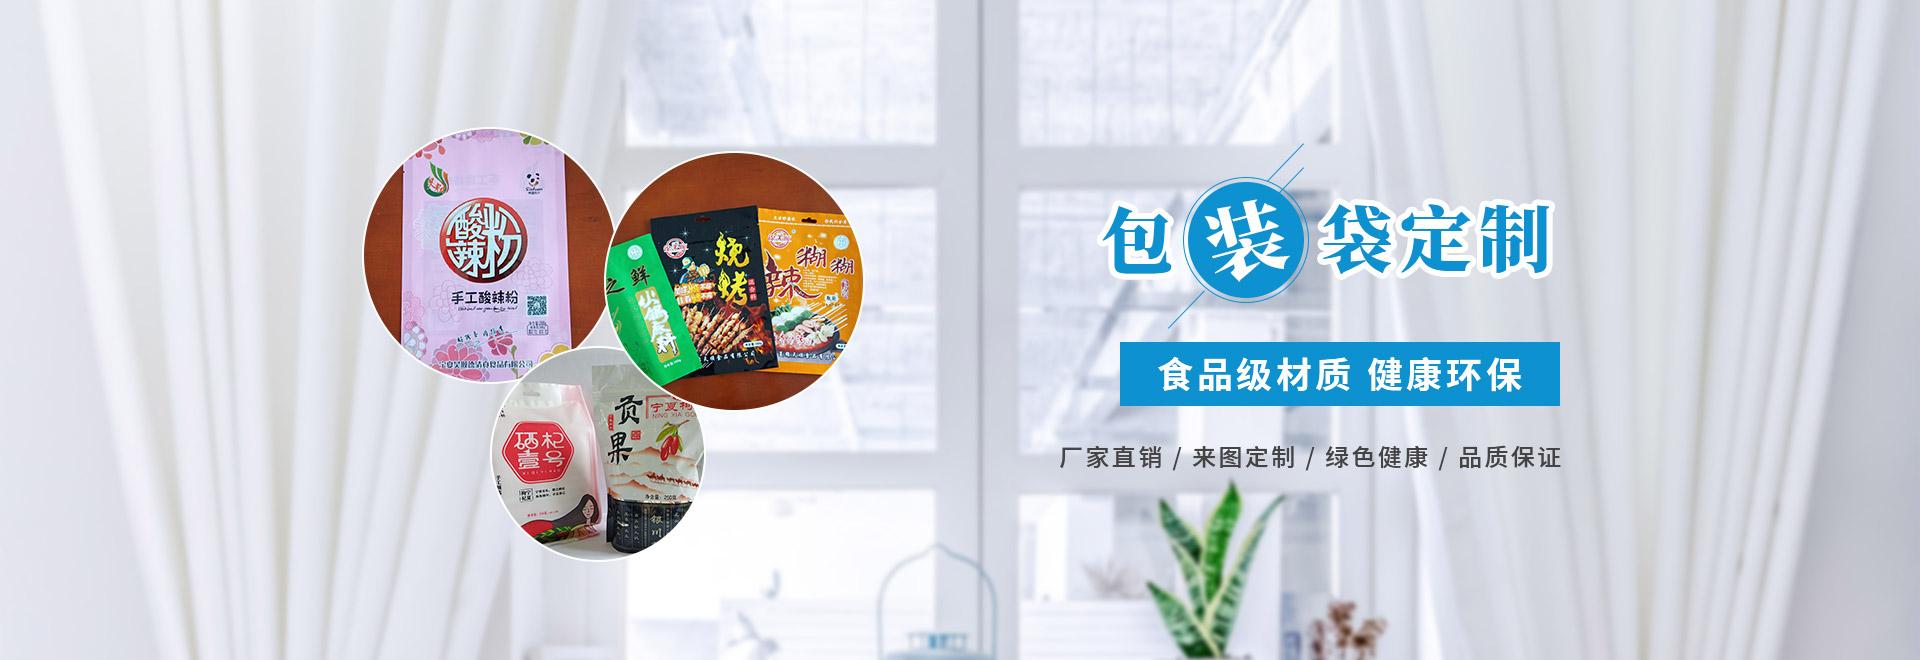 宁夏食品包装袋定制设计厂家